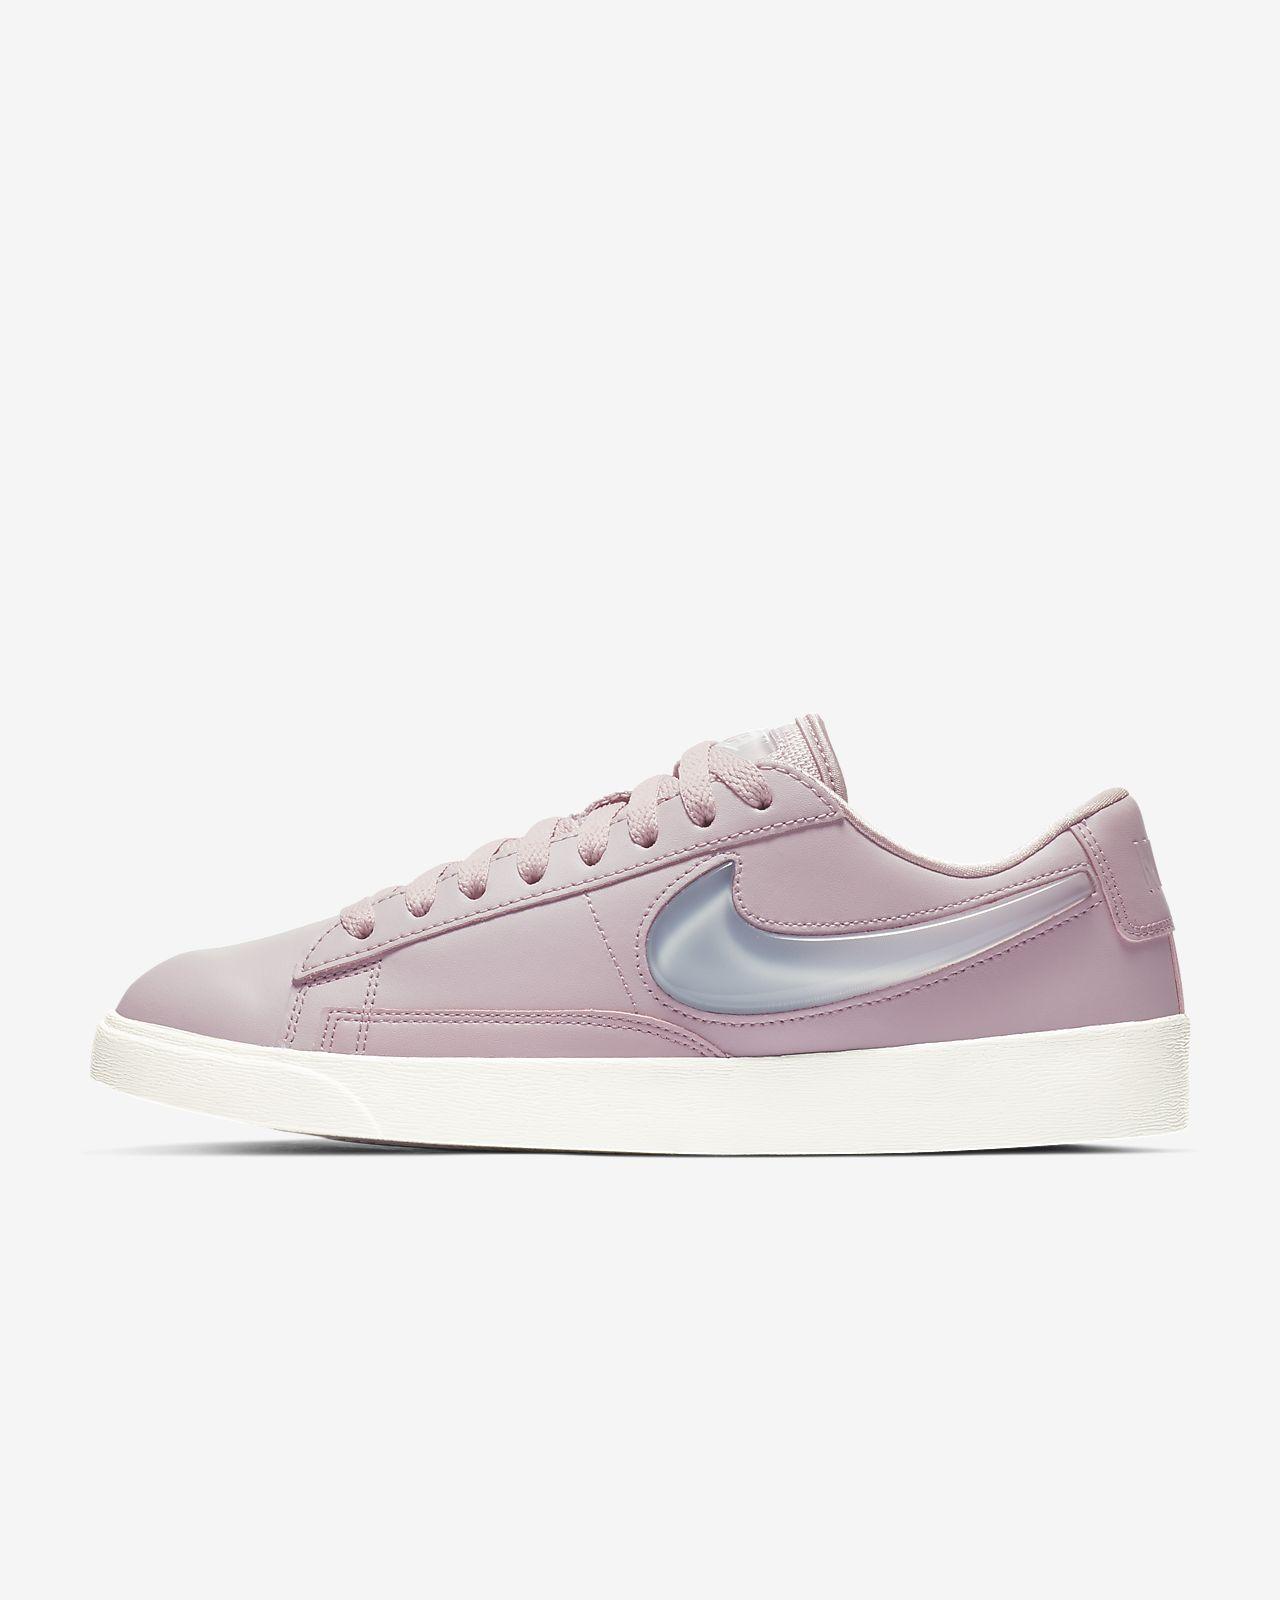 info for b01f3 175c2 ... Nike Blazer Low Lux Premium Women s Shoe